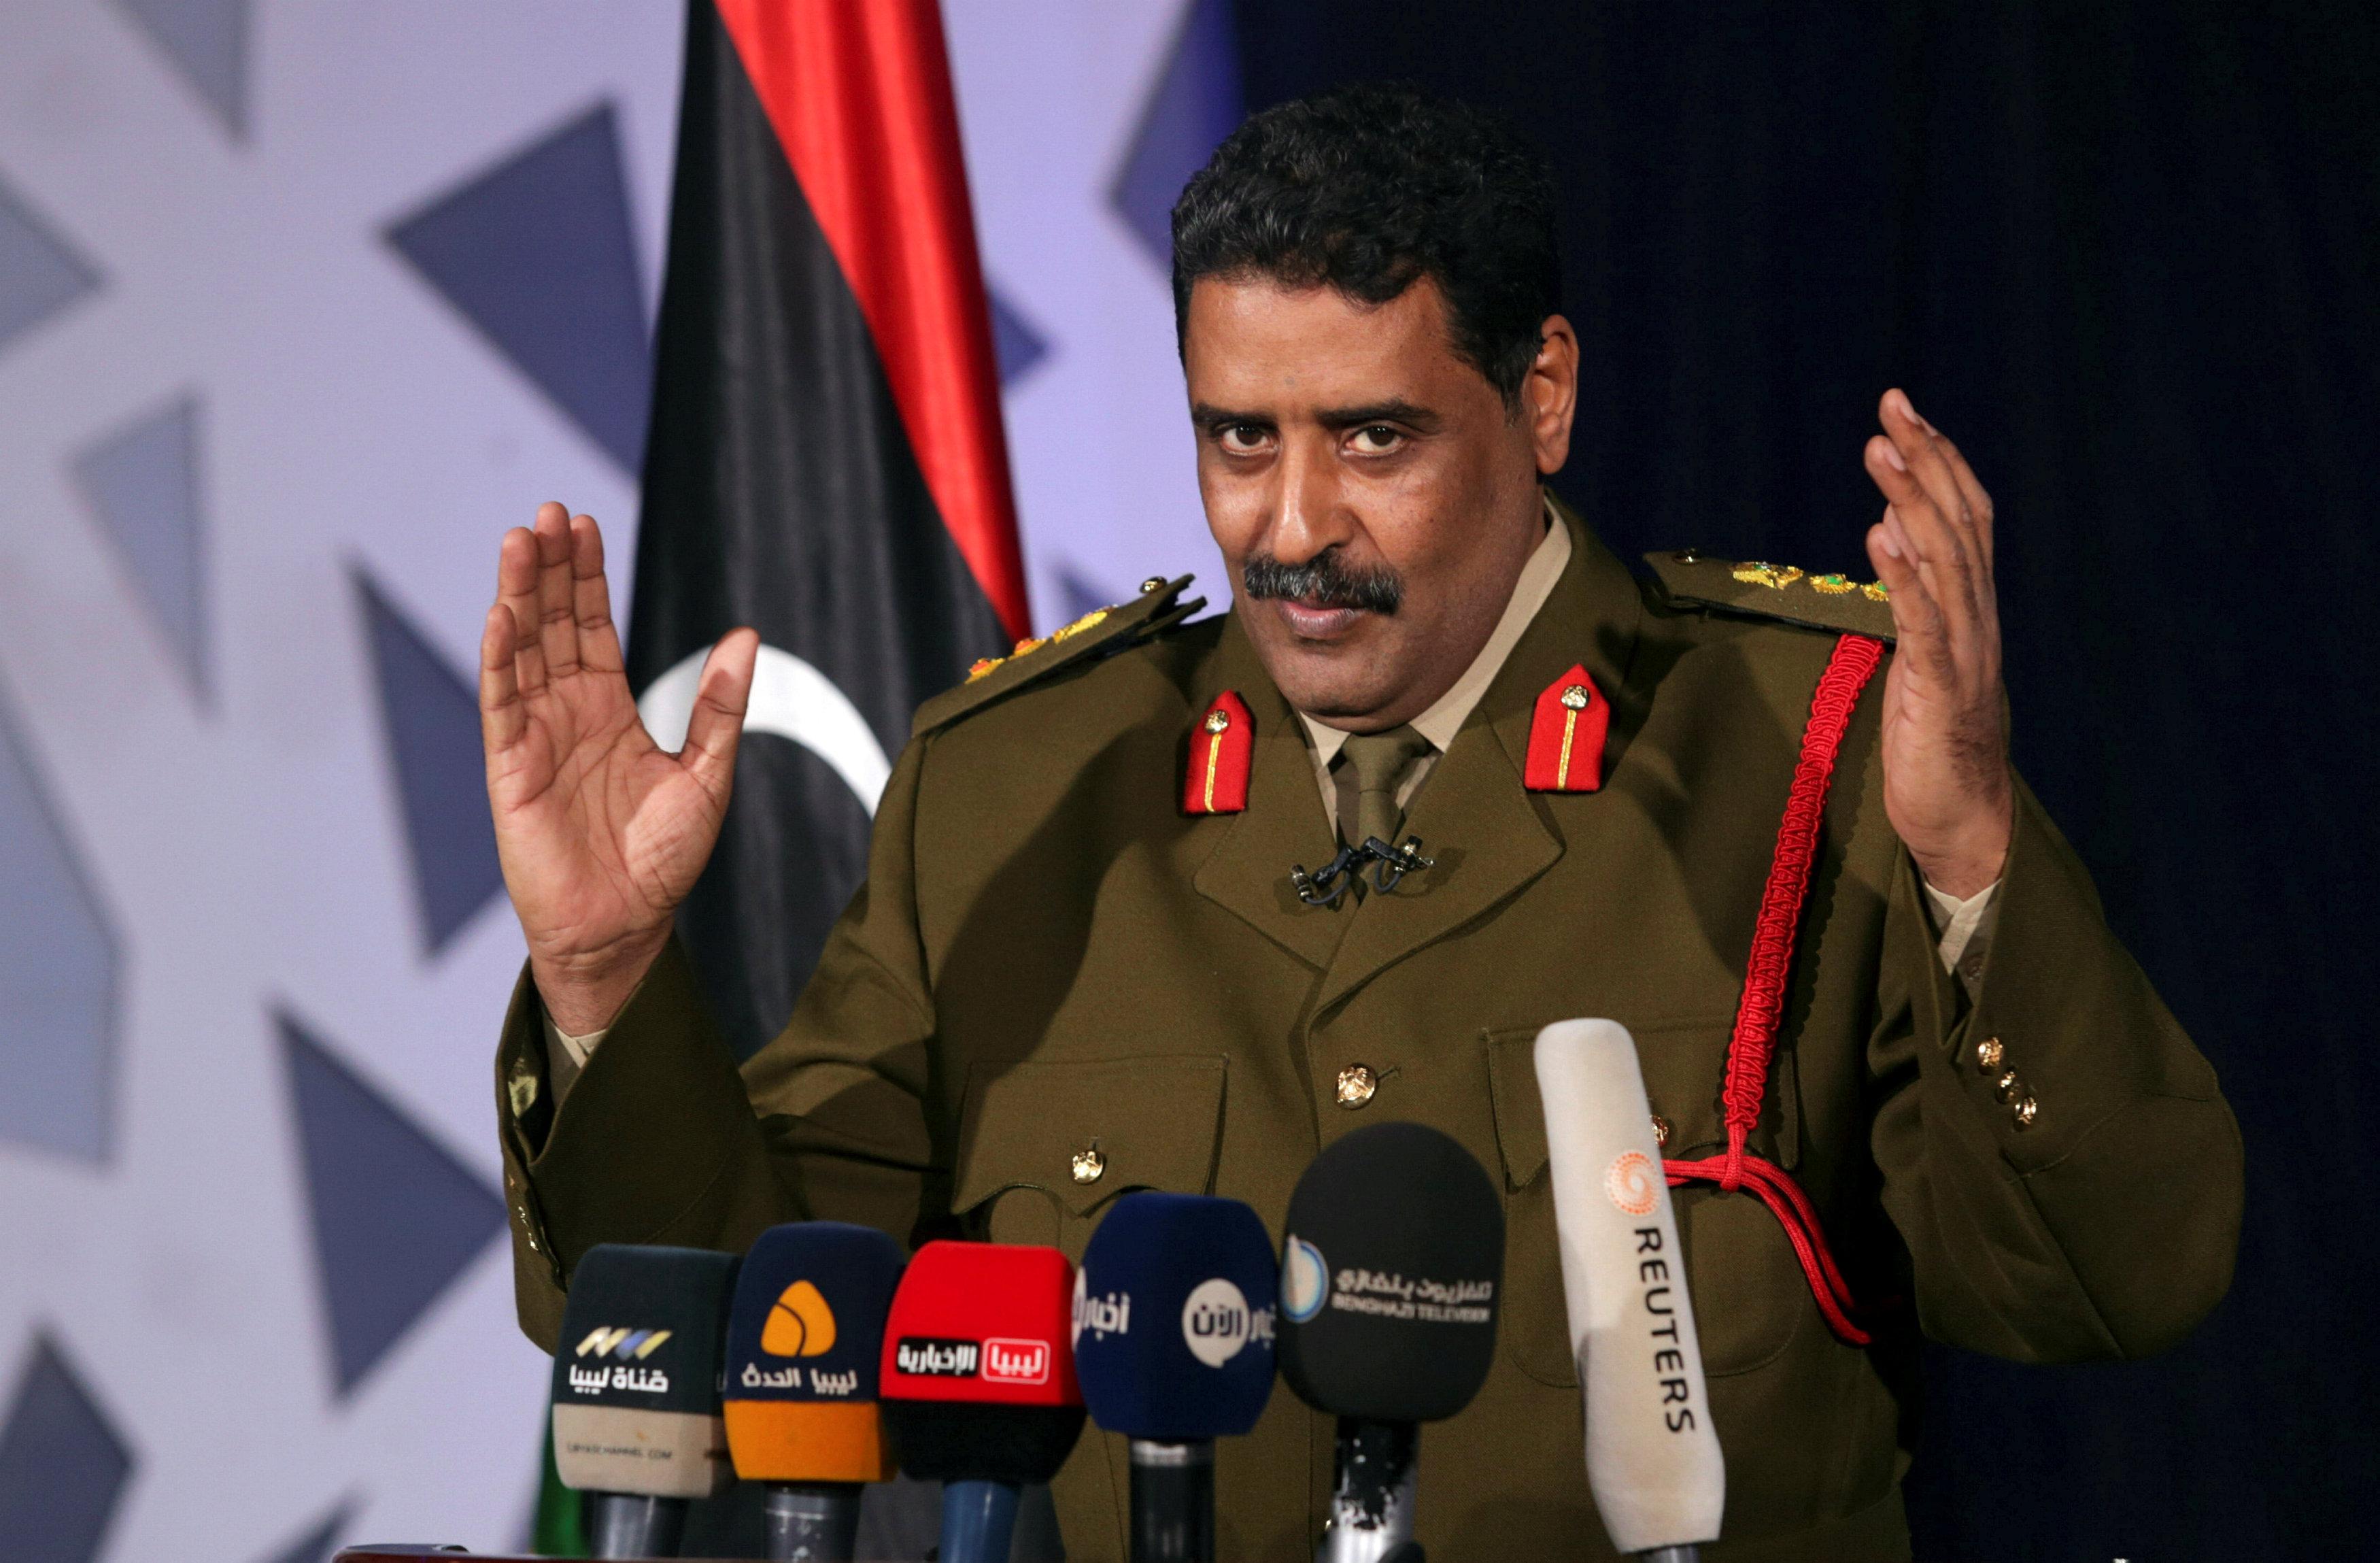 الناطق باسم الجيش الوطني العميد أحمد المسمارى